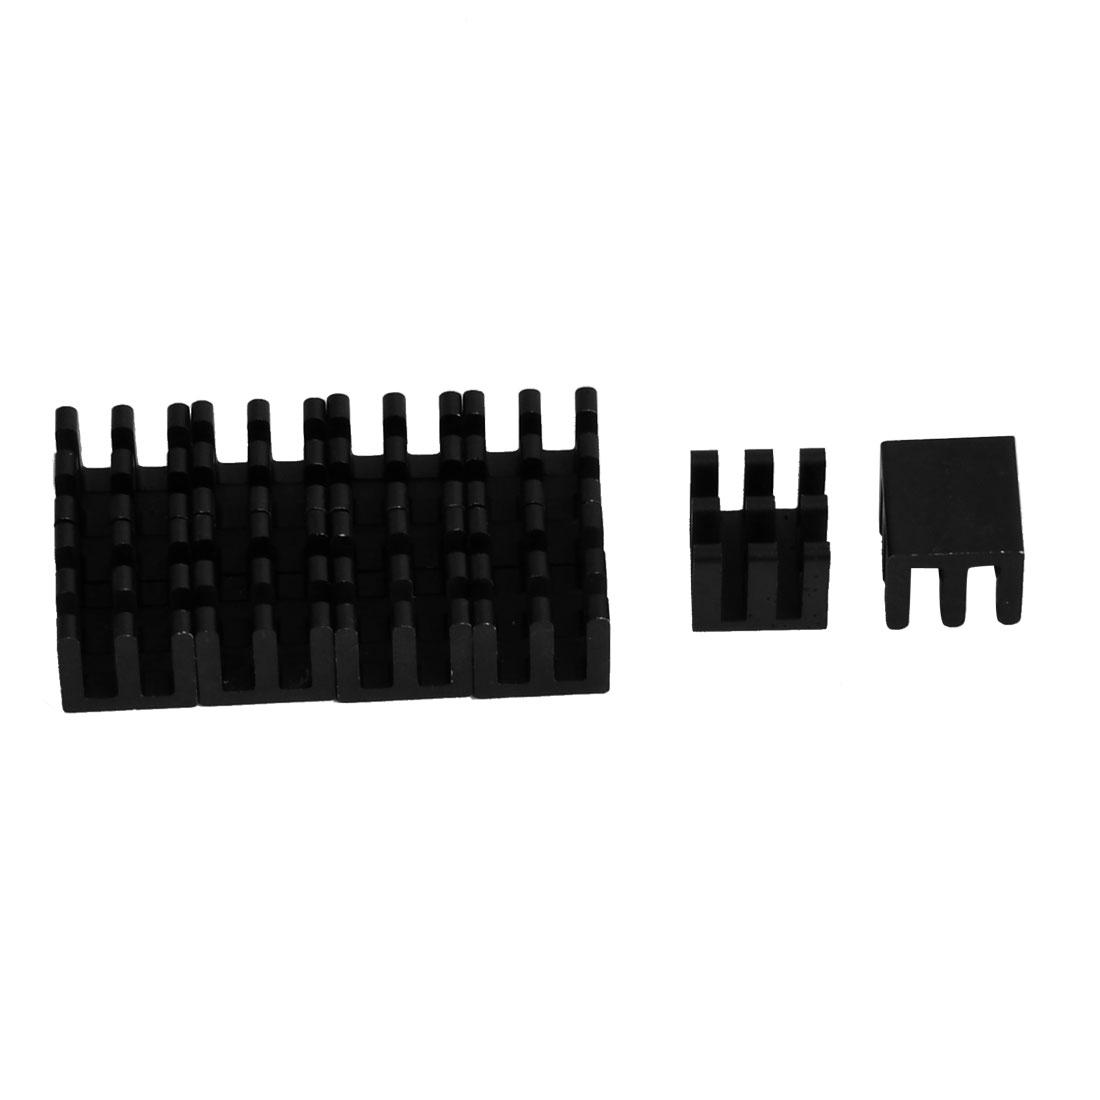 Aluminium Heat Diffuse Cooling Fin Cooler Black 10mm x 10mm x 10mm 10 Pcs